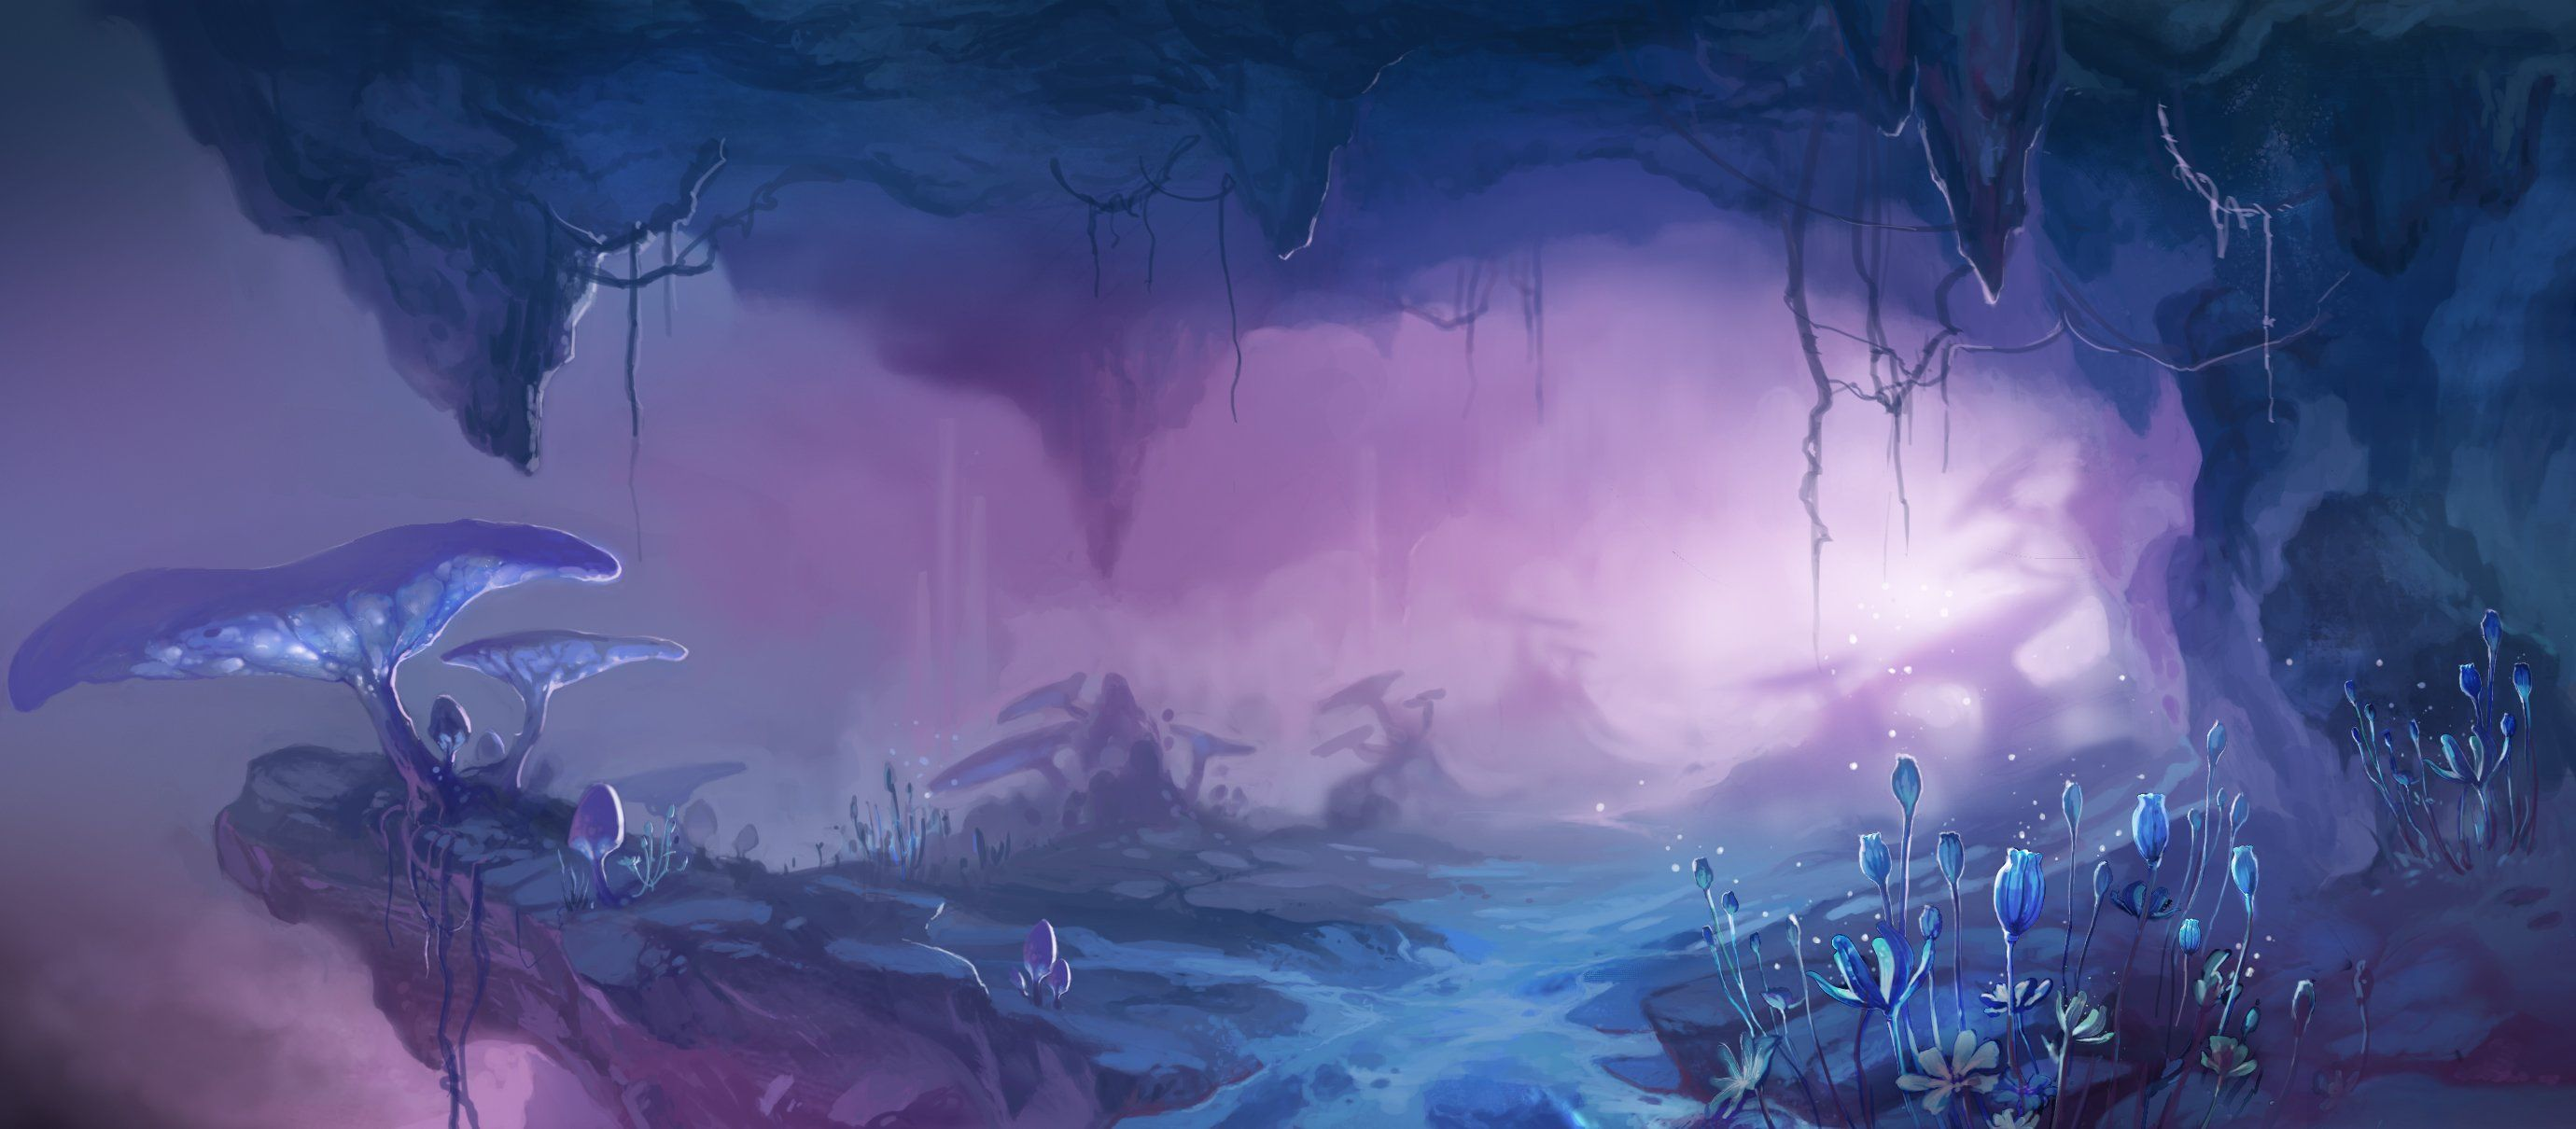 Underdark Cave Fungi Com Imagens Paisagem Fantasia Cenario